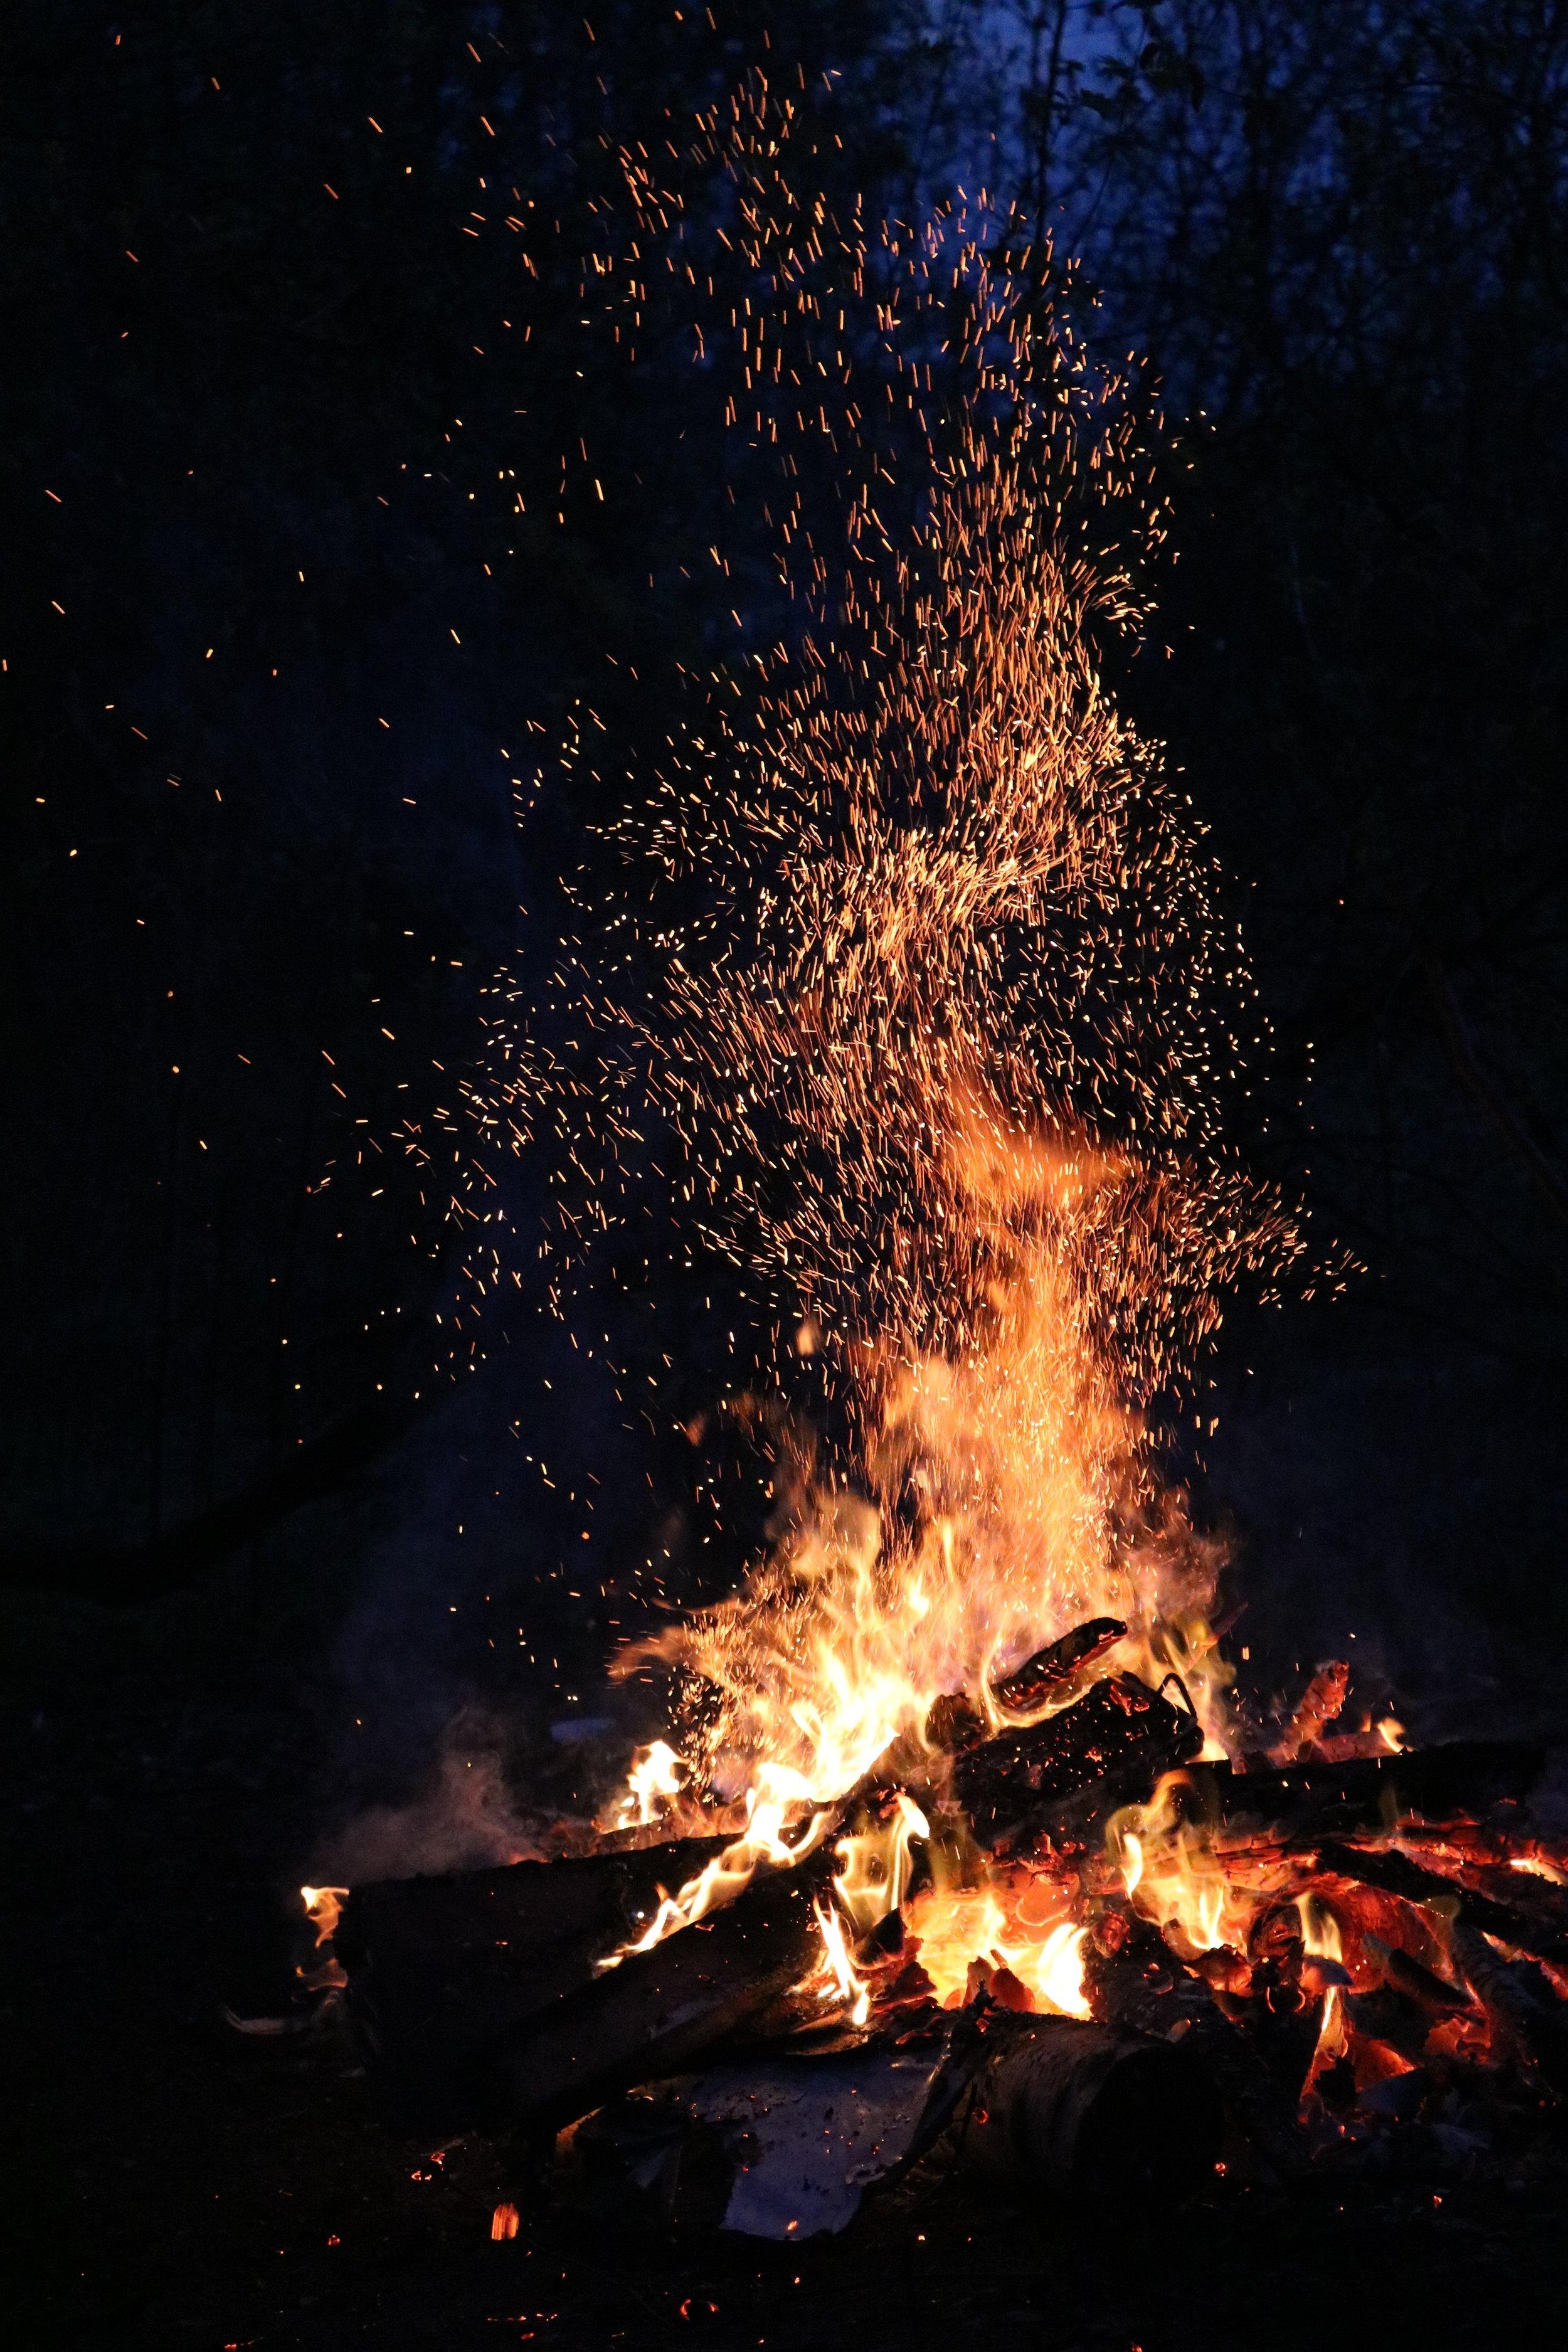 ash-blaze-bonfire-266436.jpg